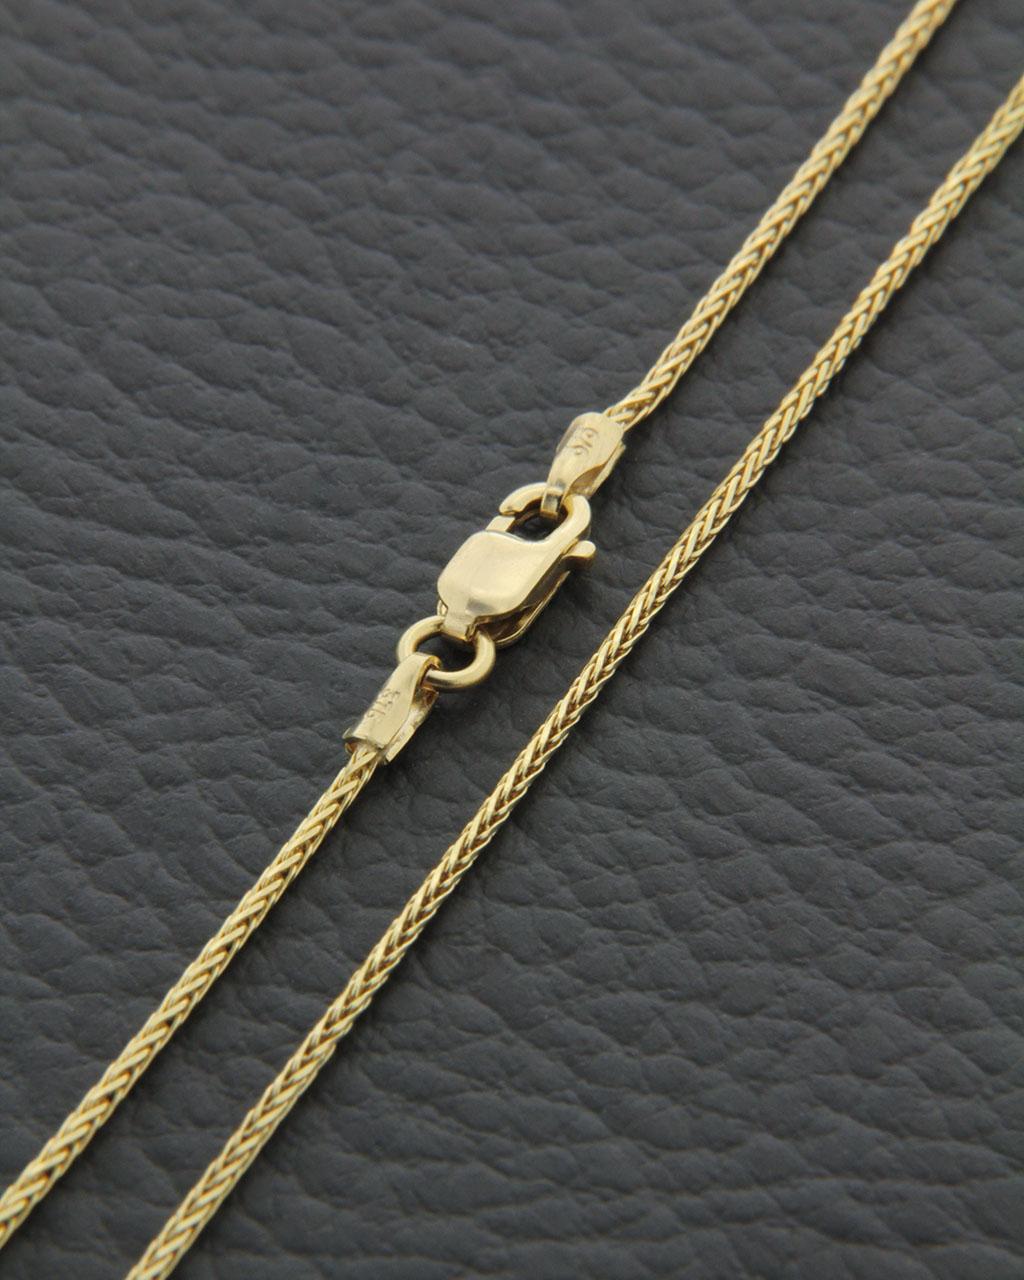 Αλυσίδα λαιμού χρυσή Κ14 45cm   παιδι αλυσίδες λαιμού αλυσίδες χρυσές